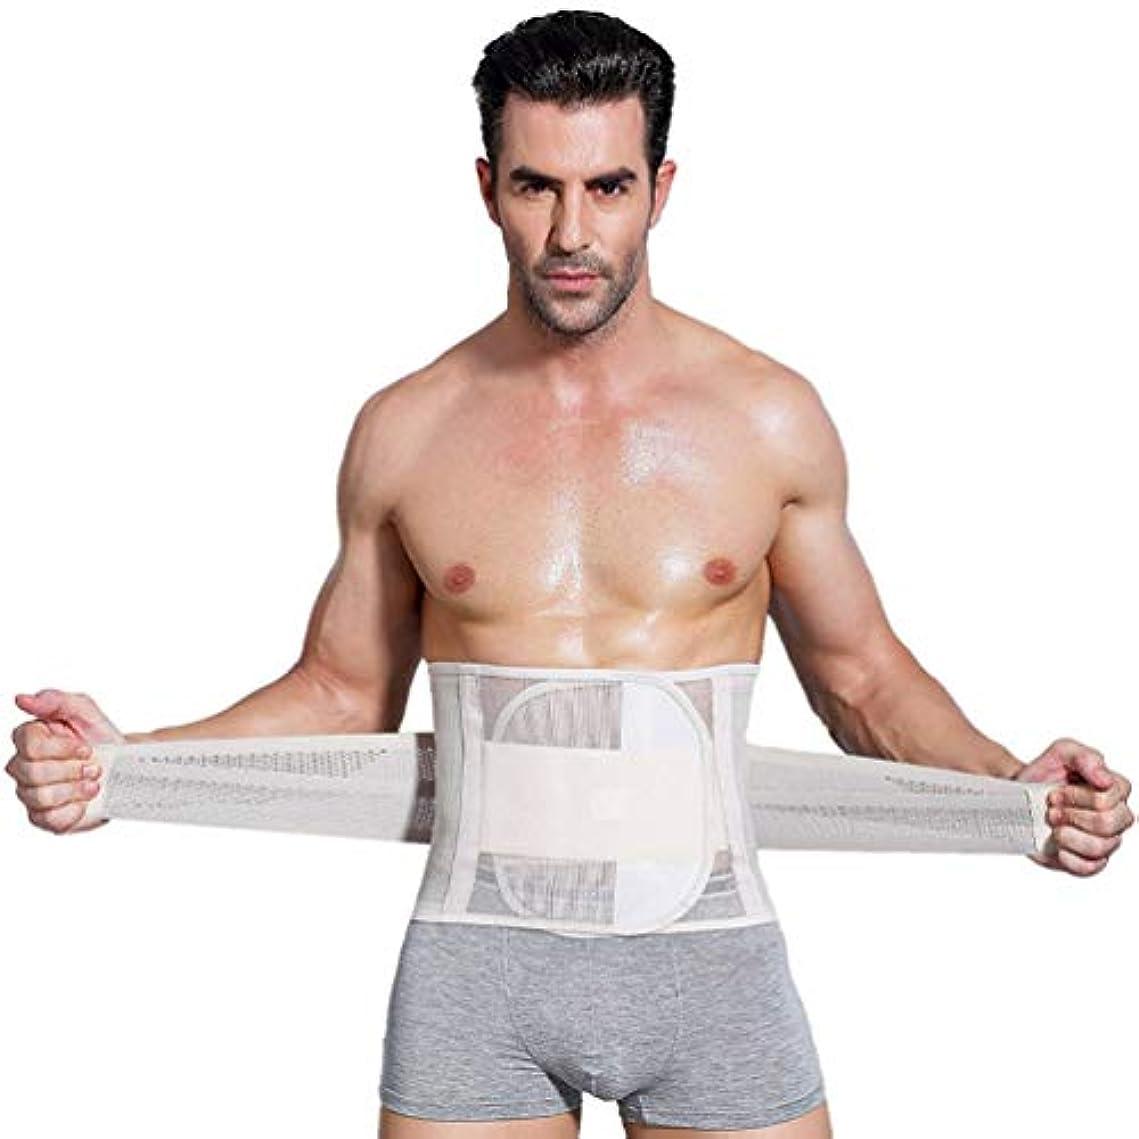 メイド部屋を掃除する錆び男性ボディシェイパーコルセット腹部おなかコントロールウエストトレーナーニッパー脂肪燃焼ガードル痩身腹ベルト用男性 - 肌色M